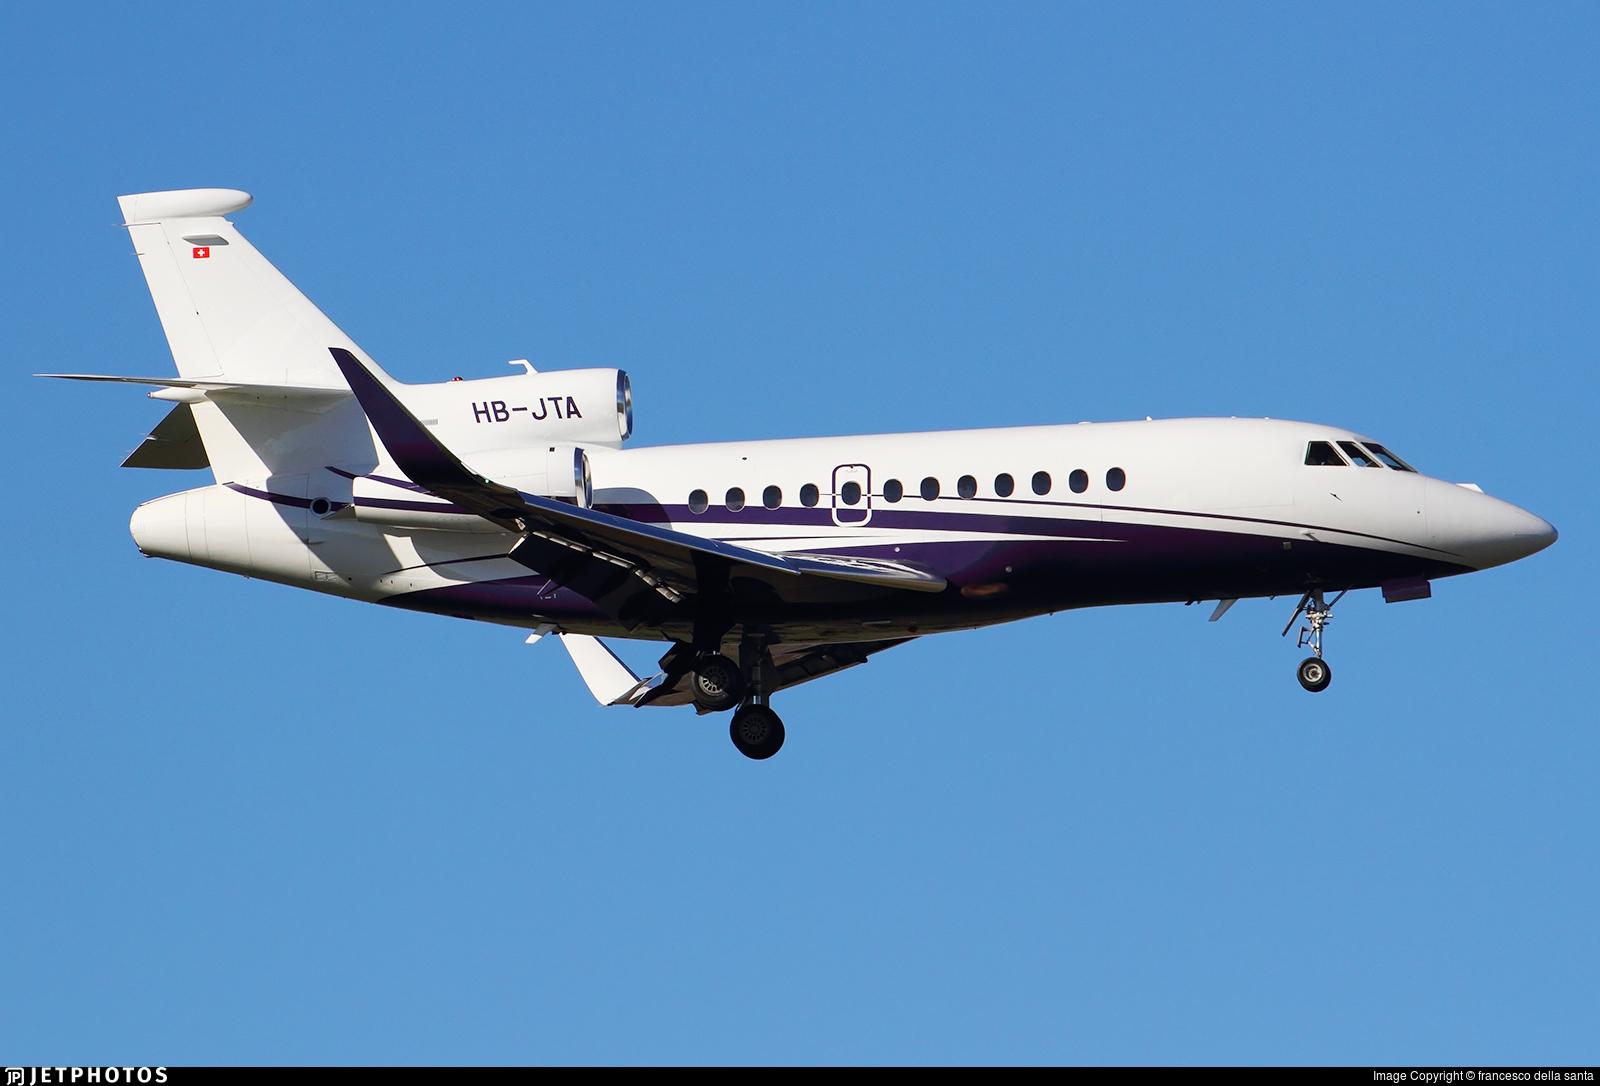 HB-JTA - Dassault Falcon 900LX - Air Sarina